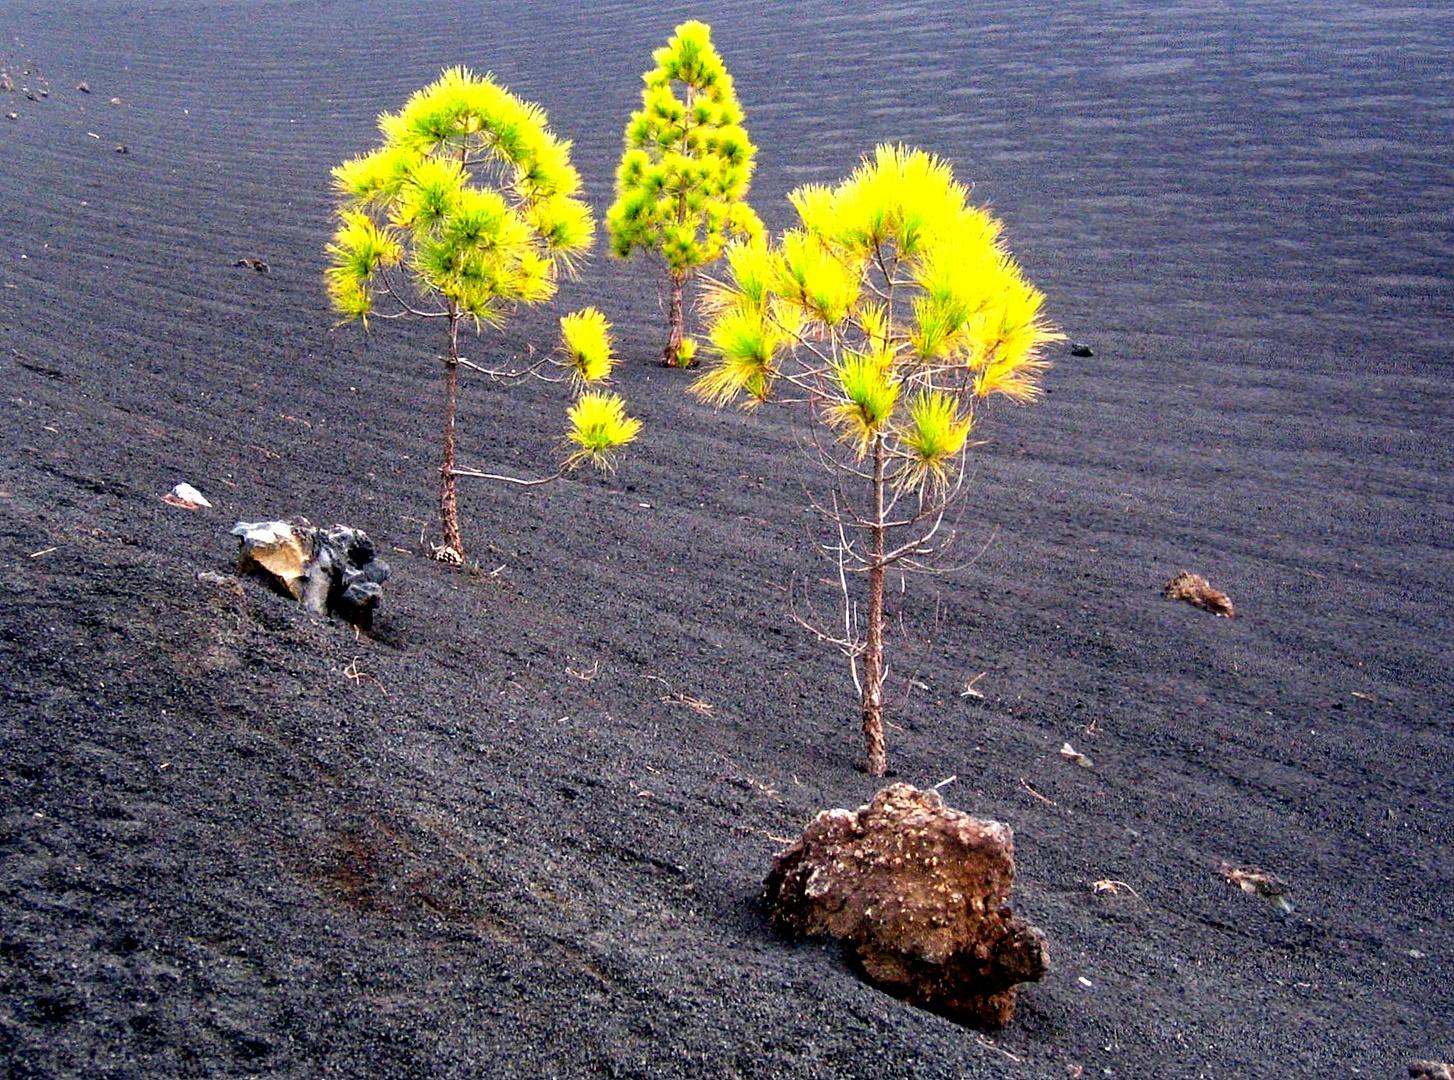 Grün vor Schwarz nach der Eruption